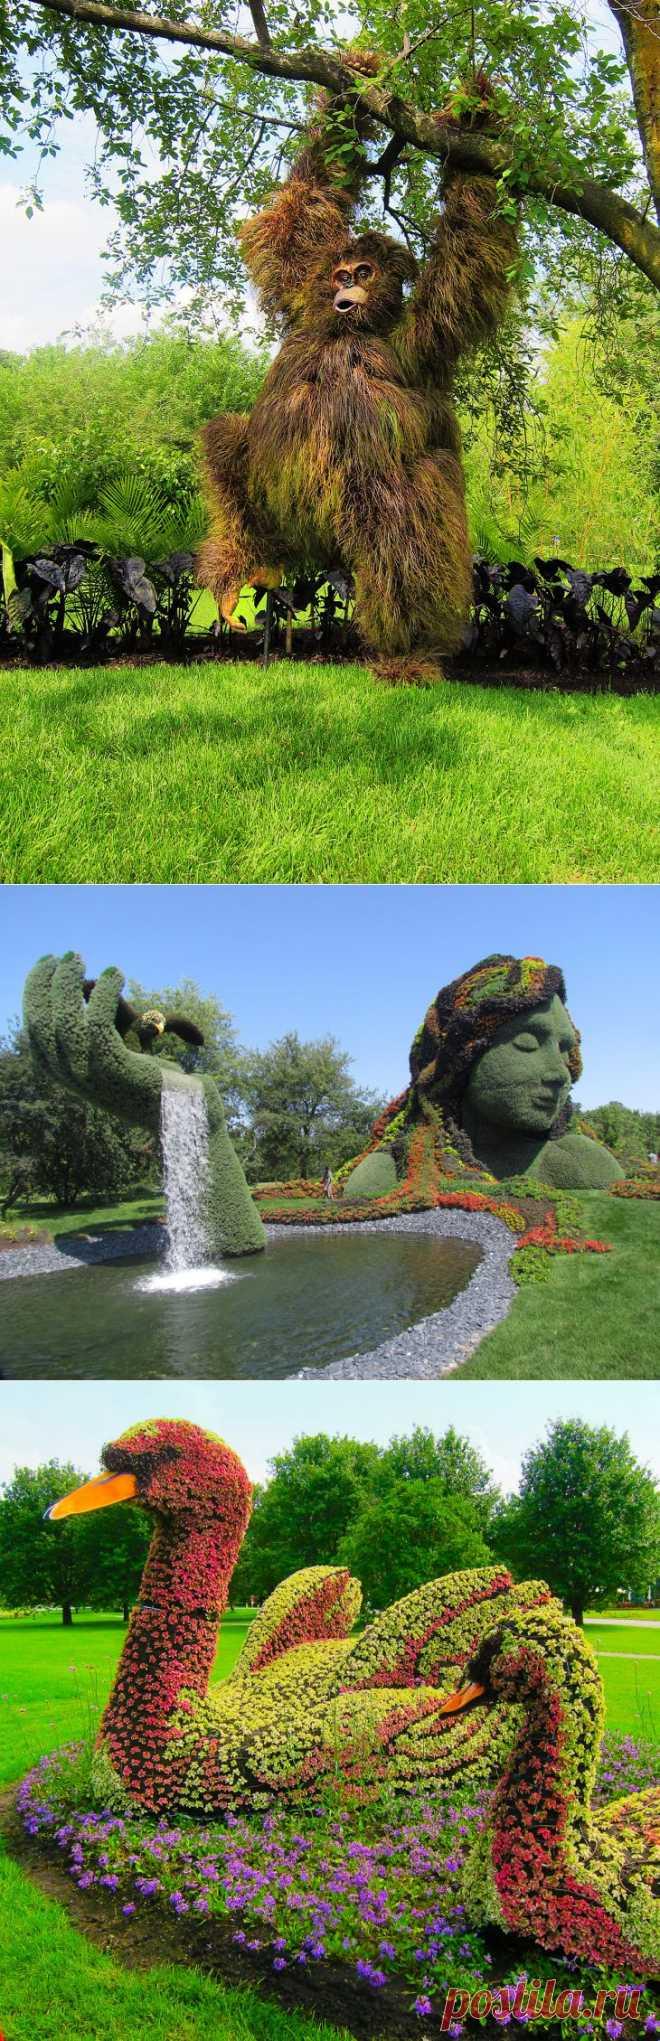 >> Скульптуры из растений. Международная выставка в Монреале | ФОТО НОВОСТИ